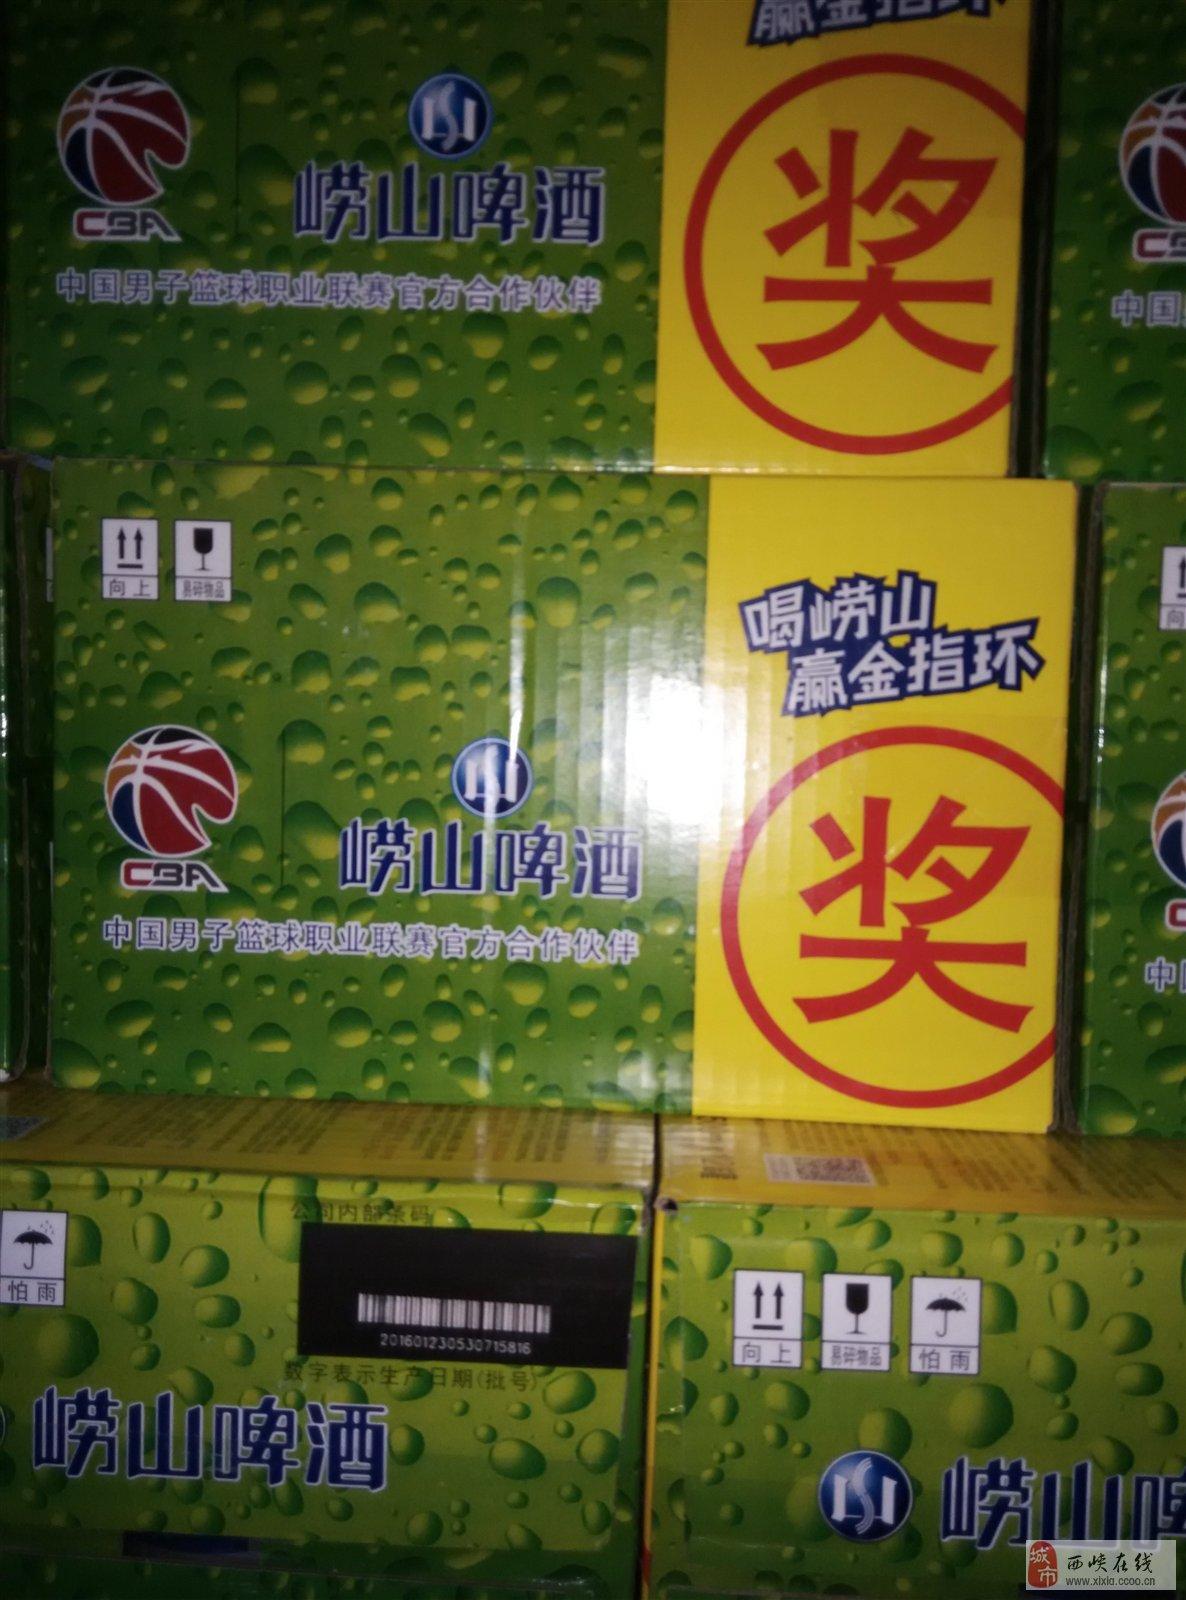 除了崂山啤酒,牛栏山二锅头,汉斯小木屋也有销售.